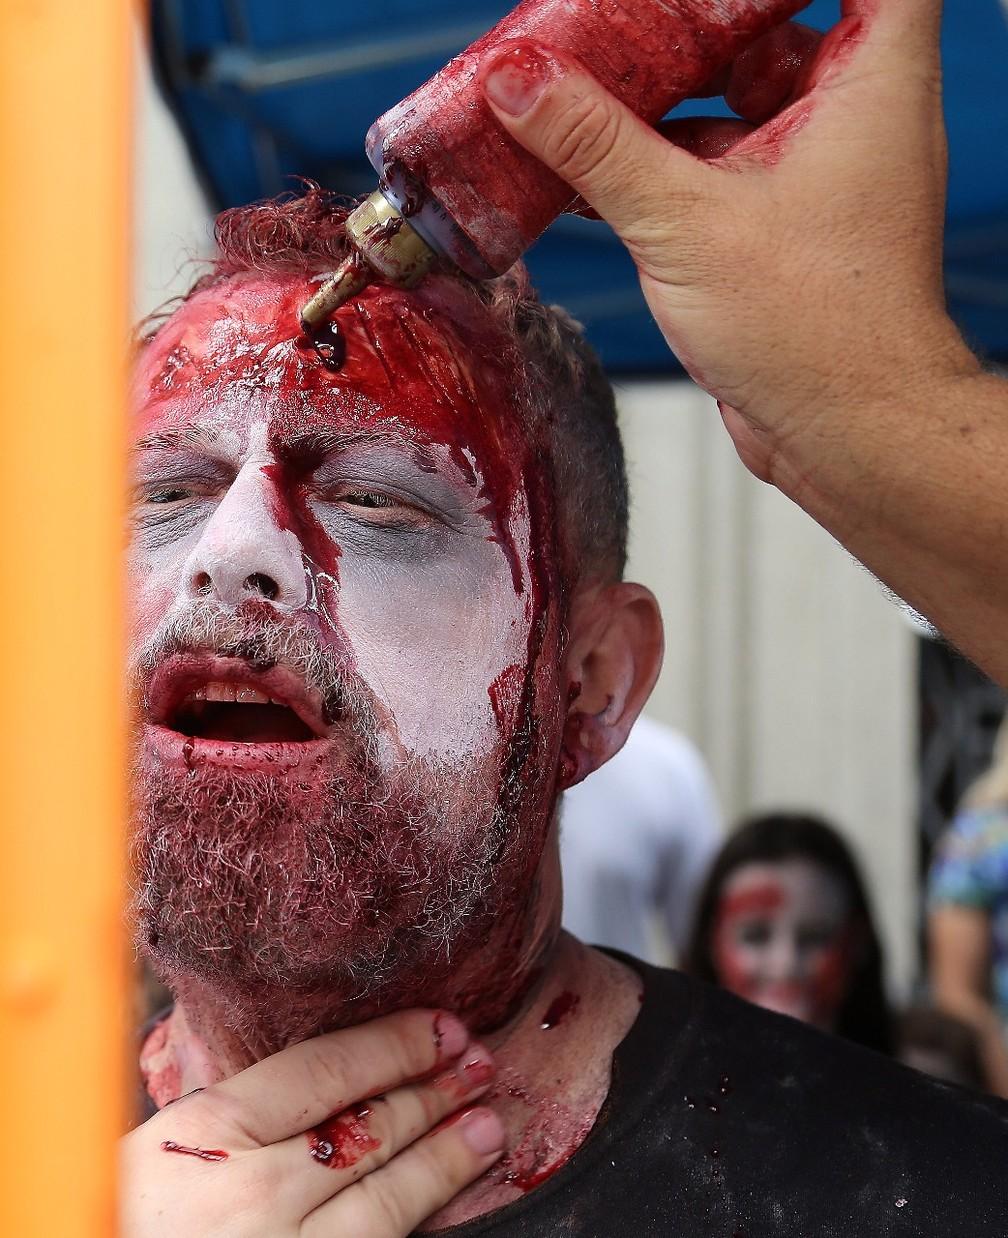 Participantes não economizaram no 'sangue' (Foto: Giuliano Gomes/PR Press)